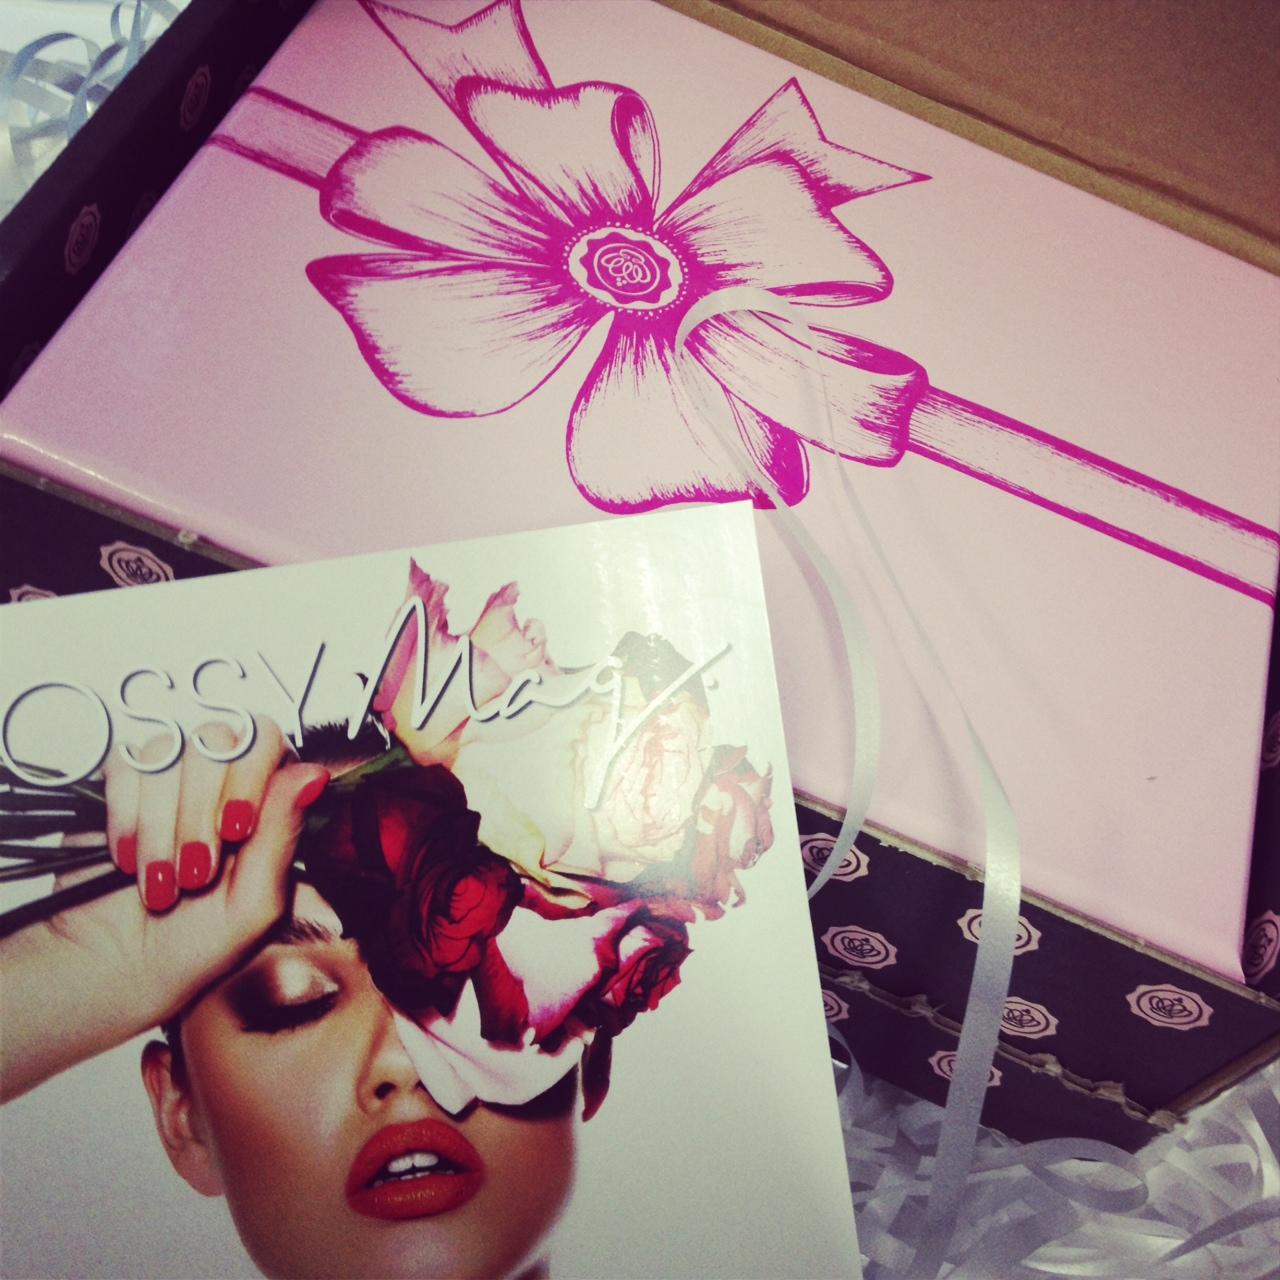 Nicht nur mein Valentino, auch Glossybox hat mir Valentinstags-Freude bereitet // Die pinke Glossybox zum Valentinstag